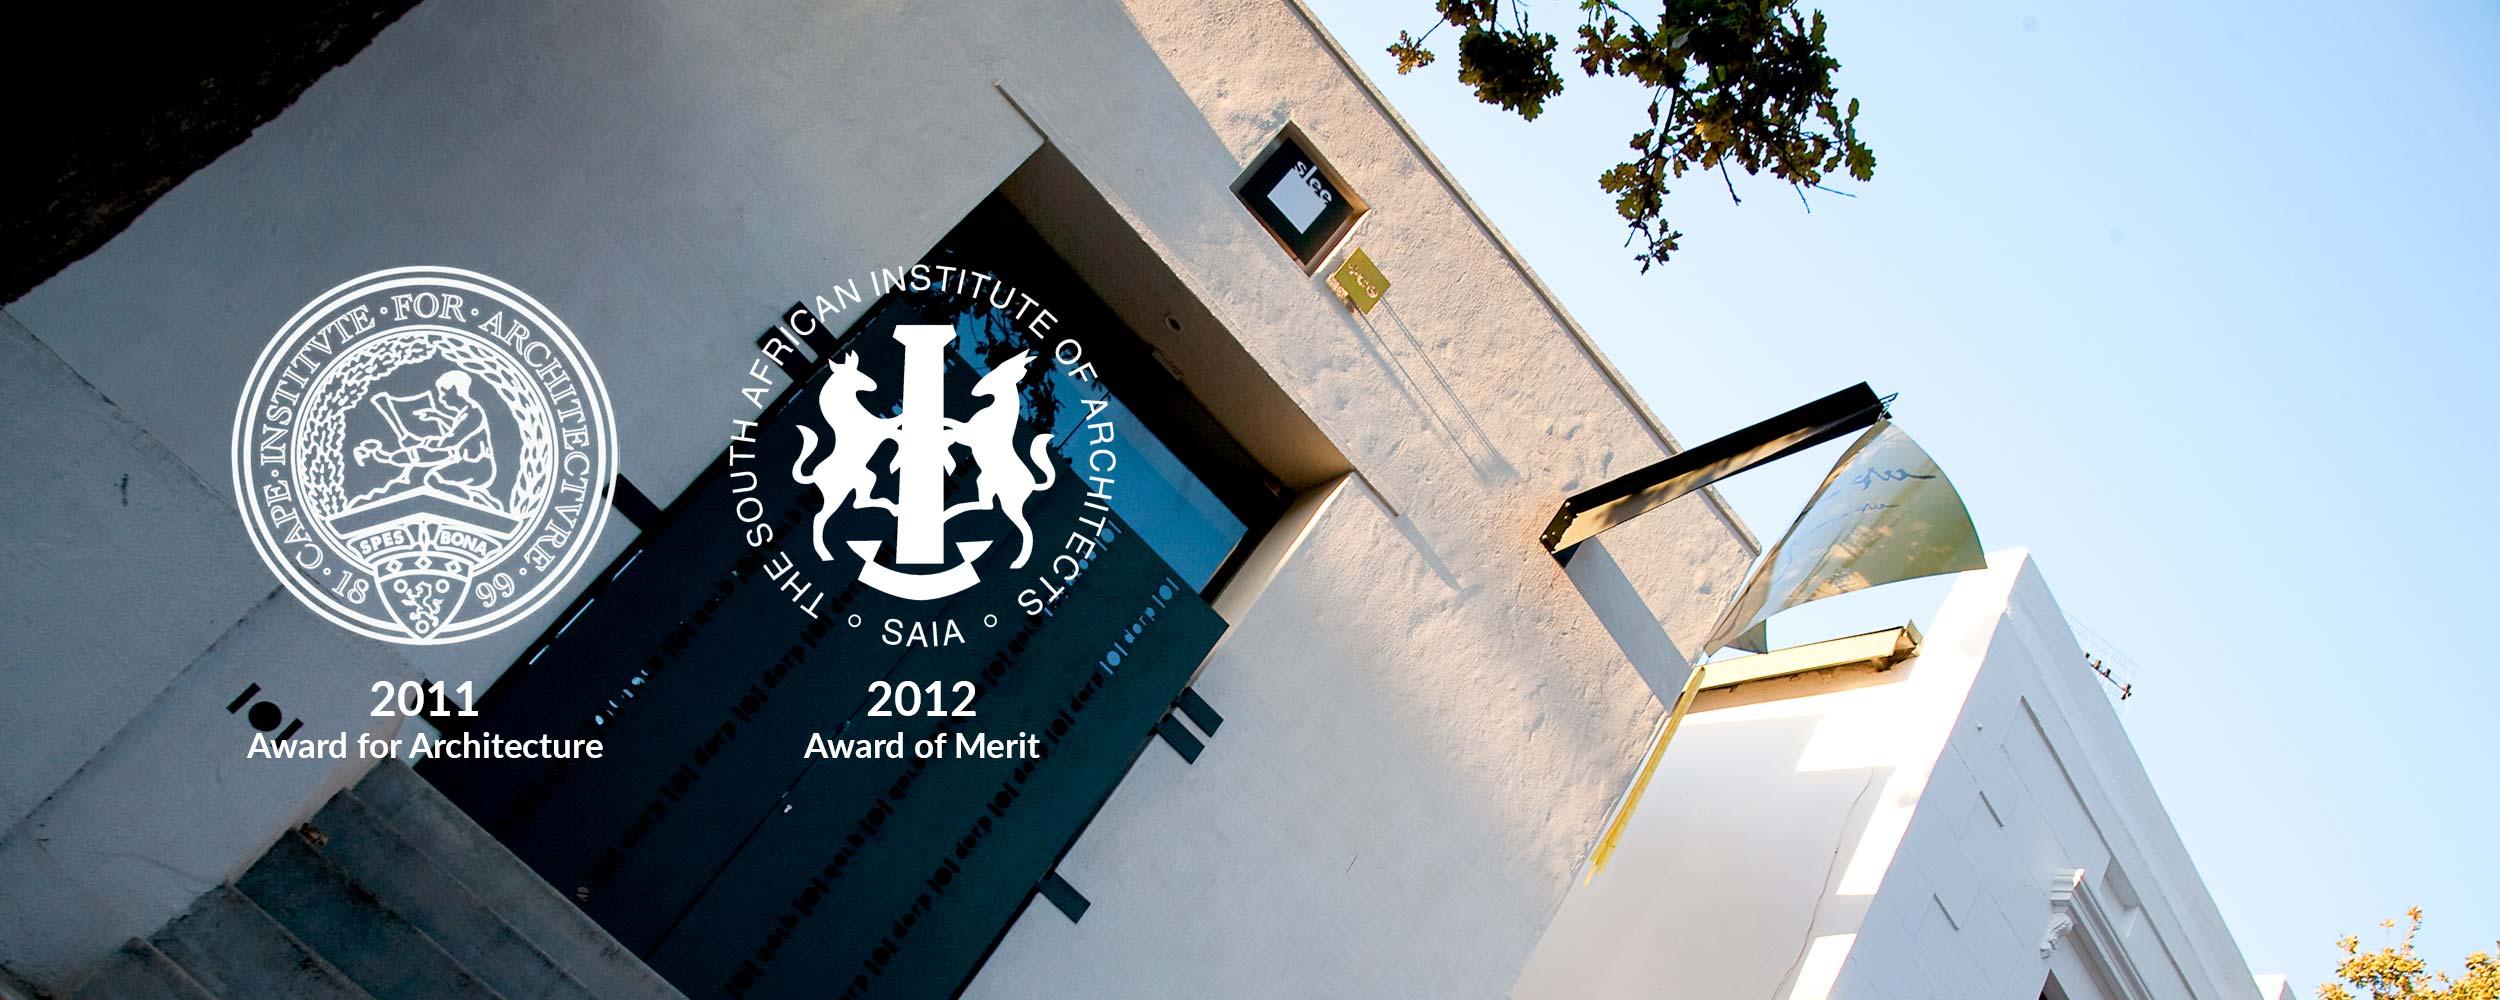 Slee-Gallery-&-Studio-Coverpic-Awards.jpg